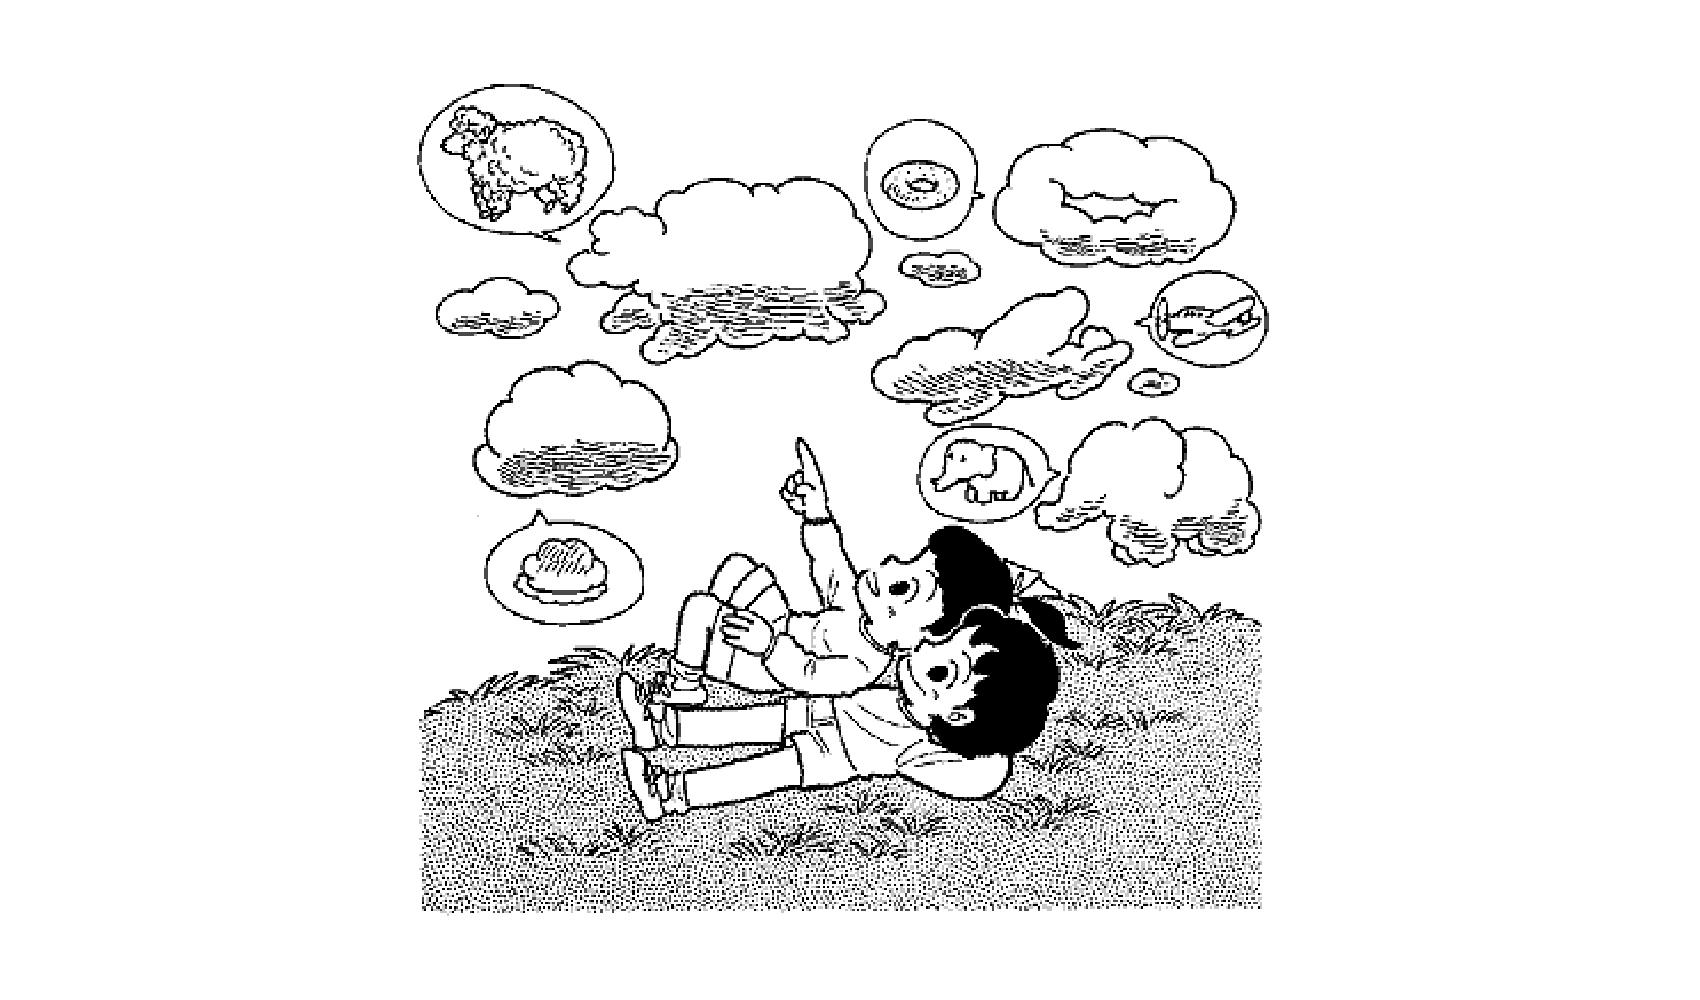 雲はどうしていろいろと形をかえるの